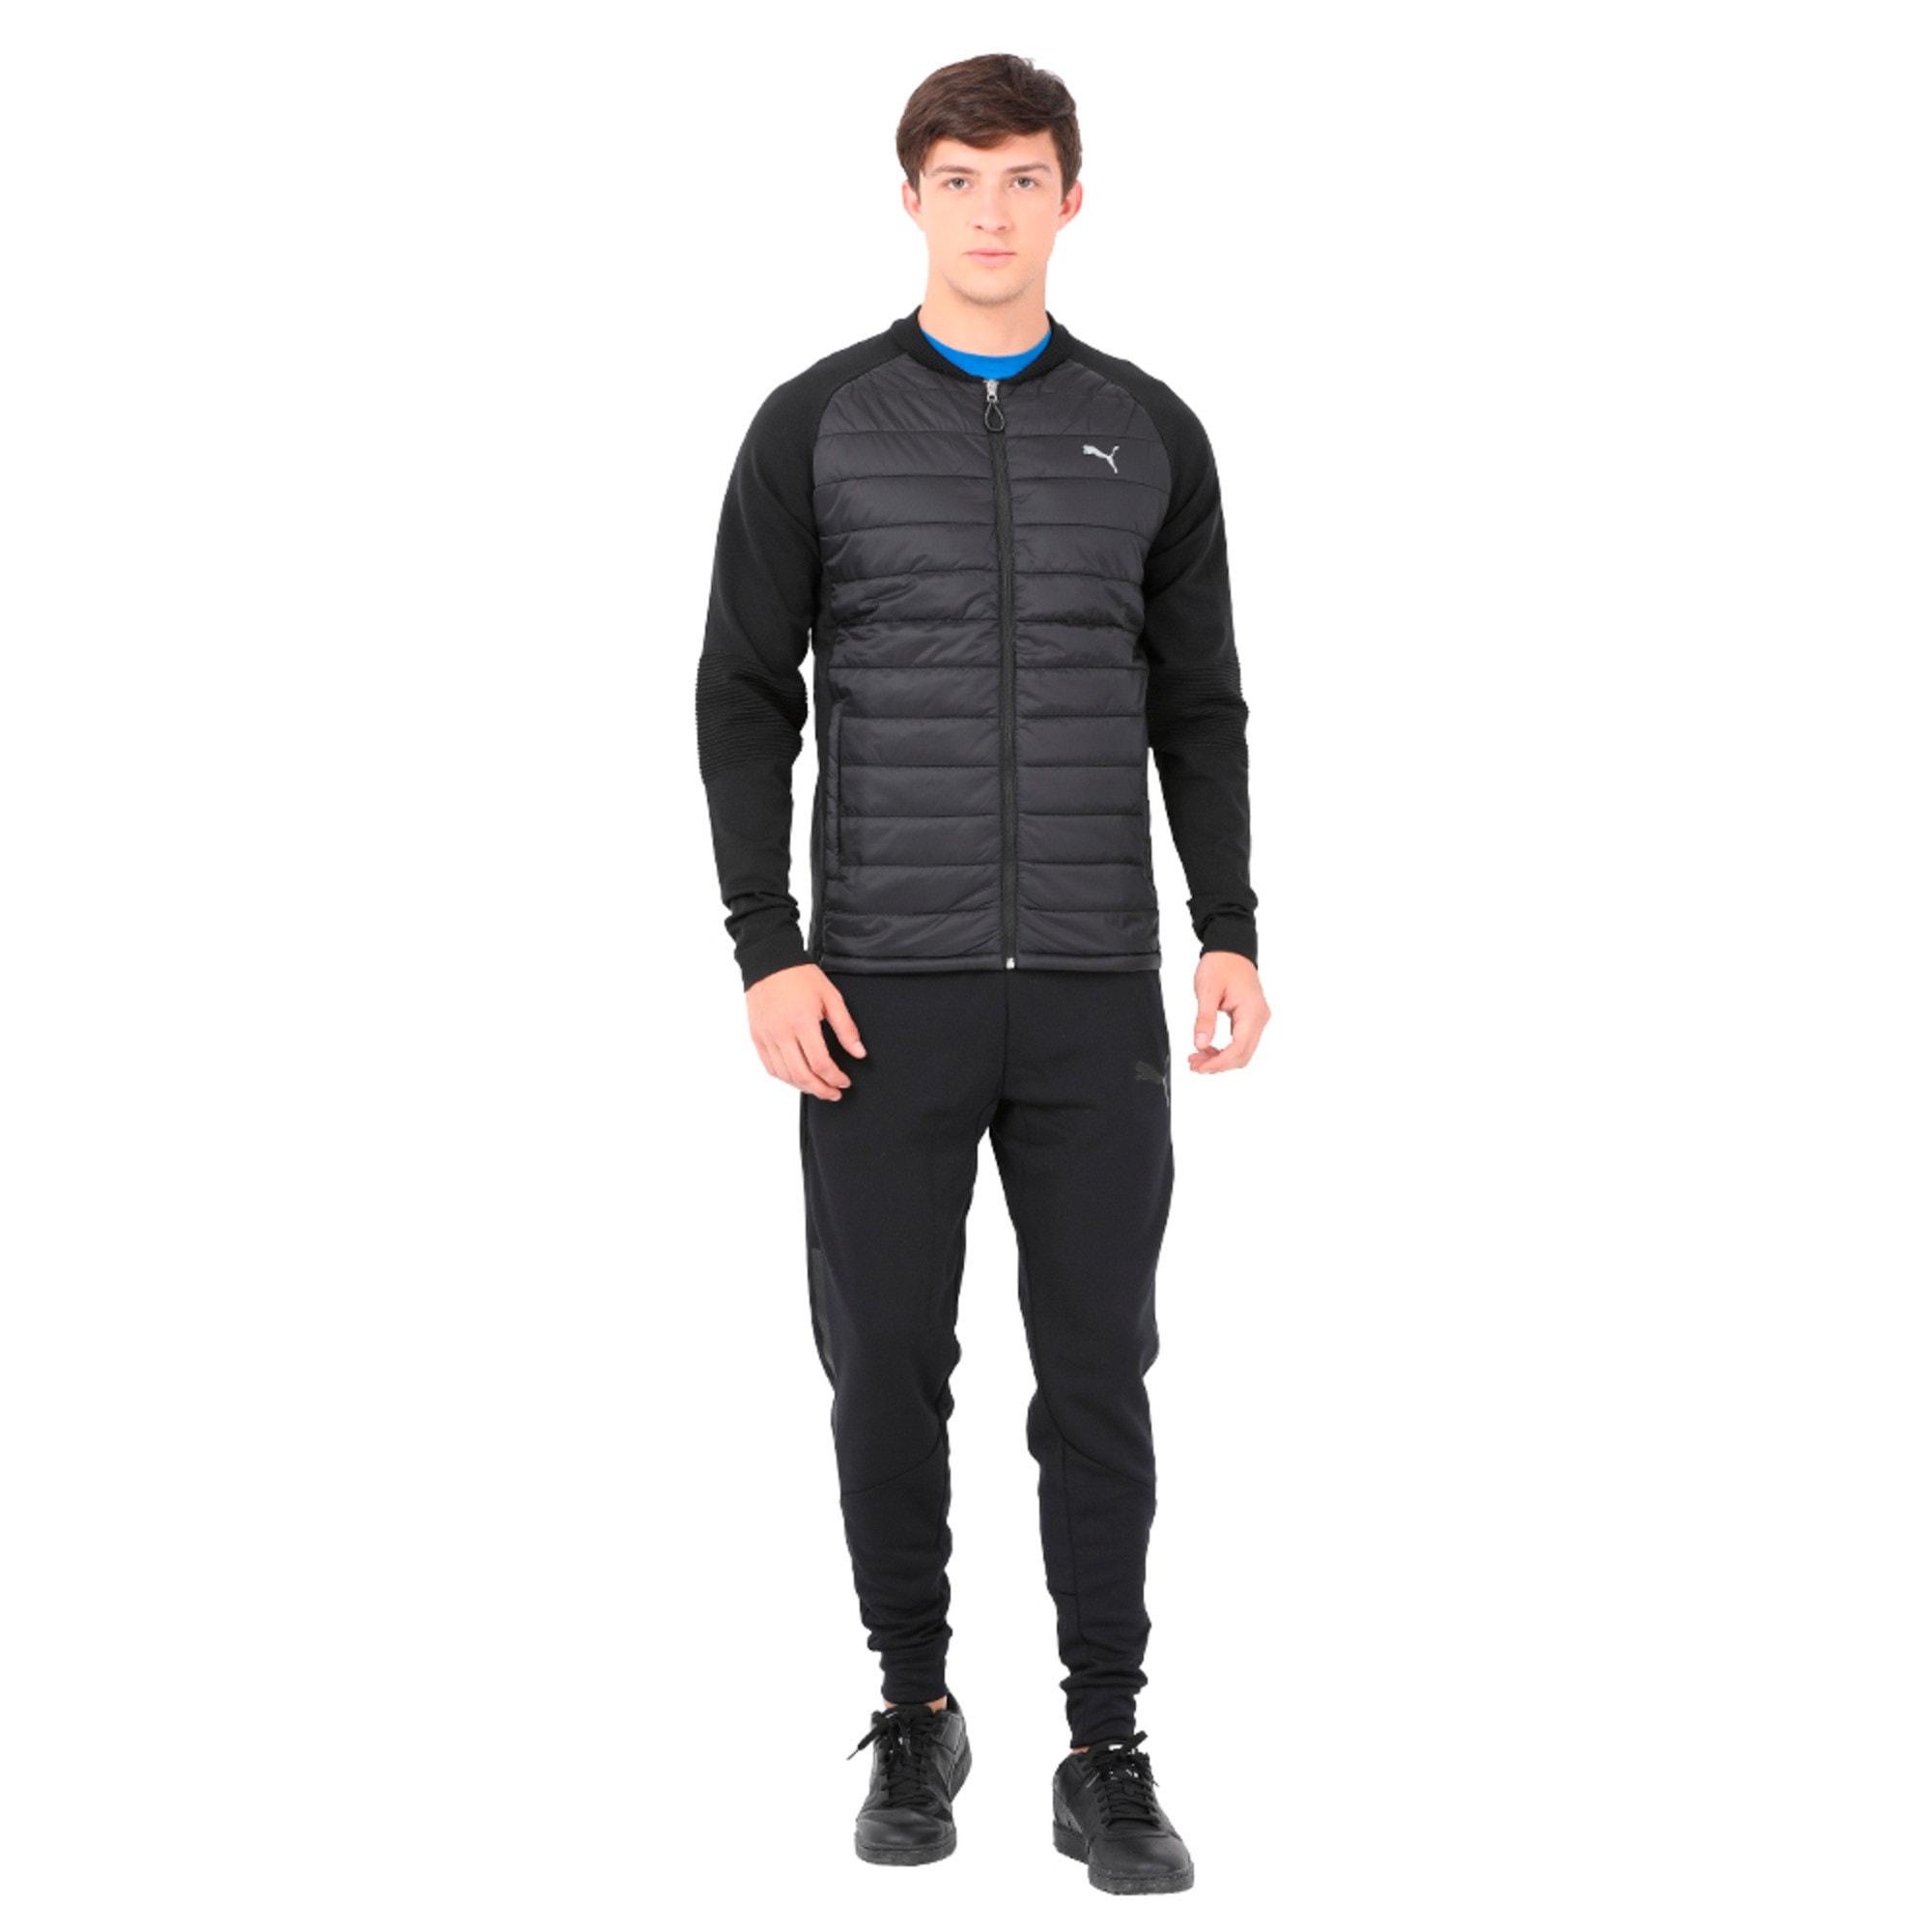 Thumbnail 3 of Running Men's evoKNIT Padded Jacket, Puma Black, medium-IND